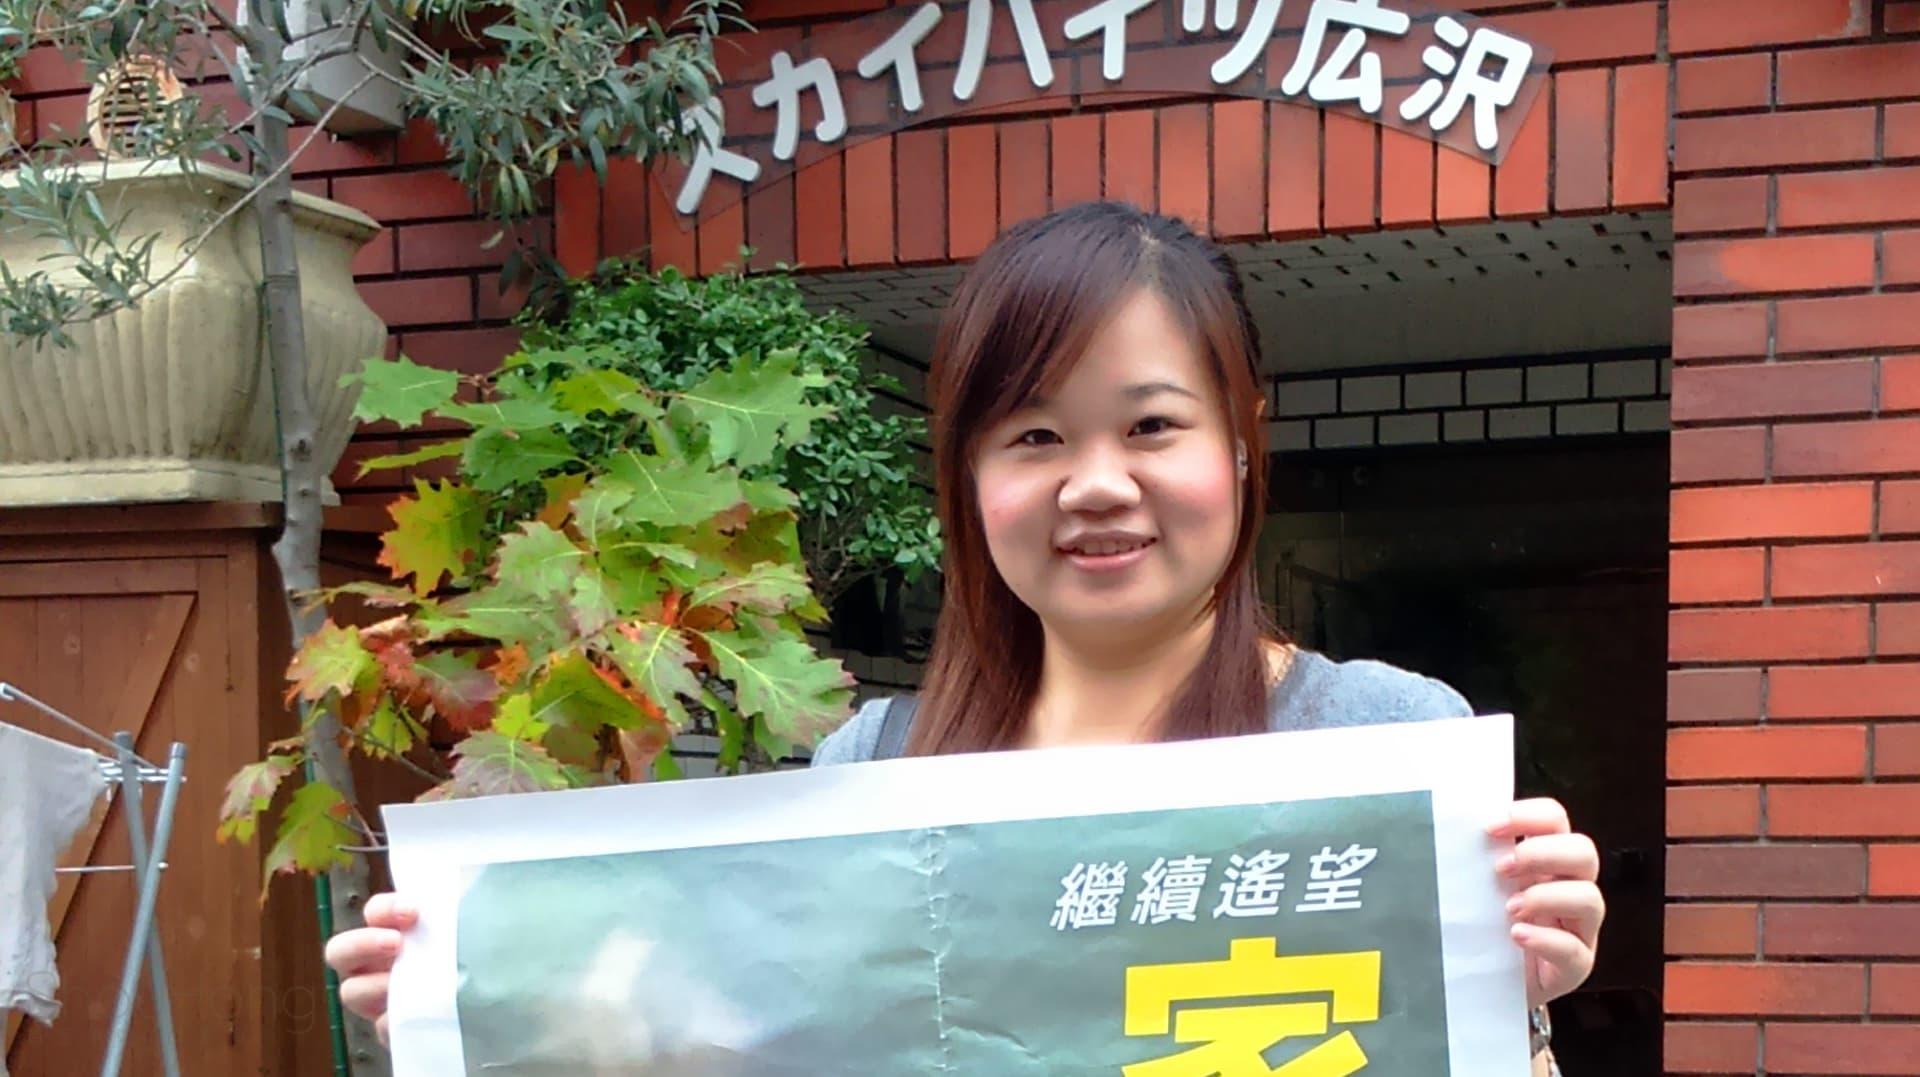 本身宏媽咪也是香港Beyond粉絲  『Hong』又有  香港『香』字發音代表